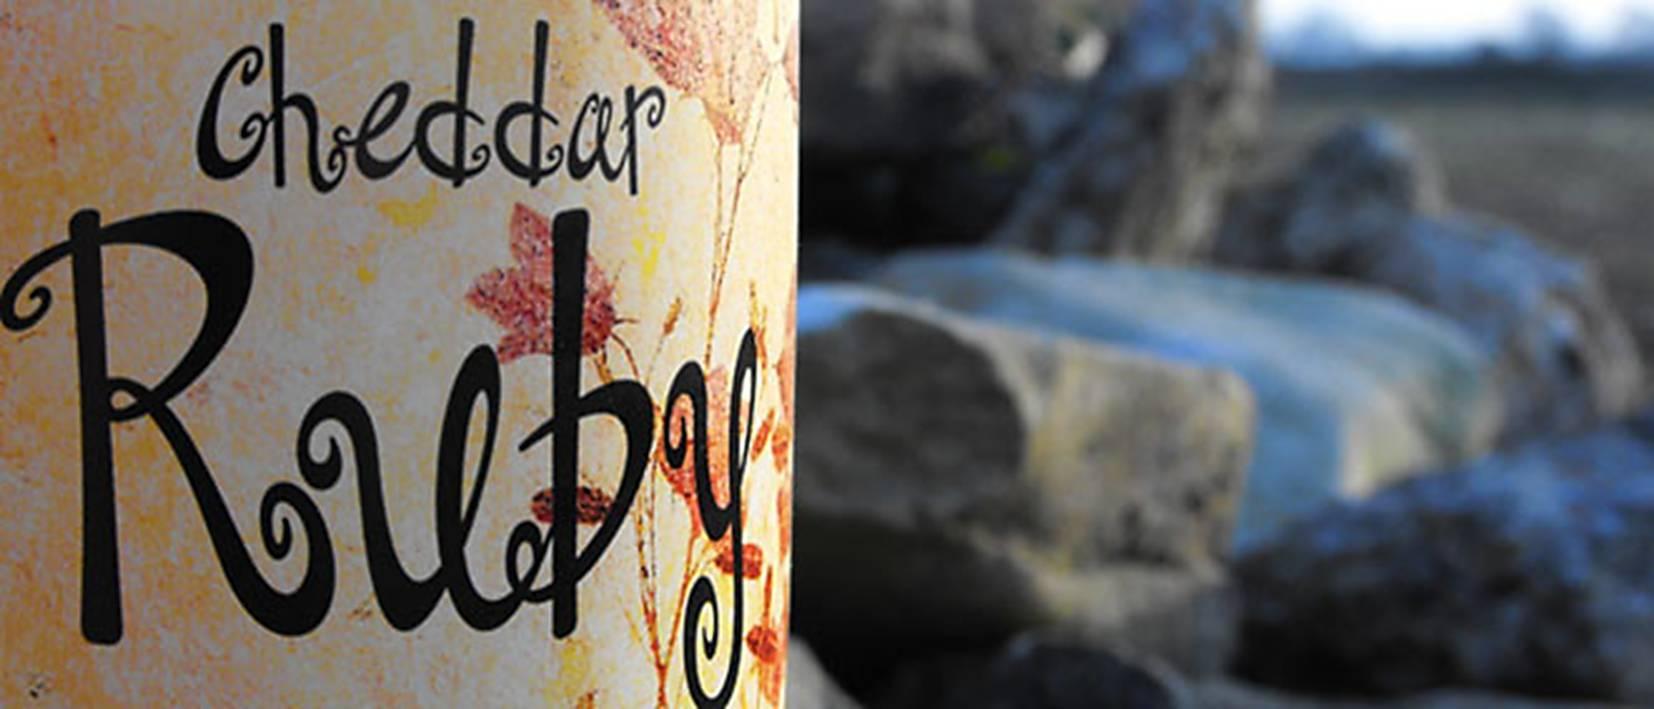 Cheddar Ruby Label